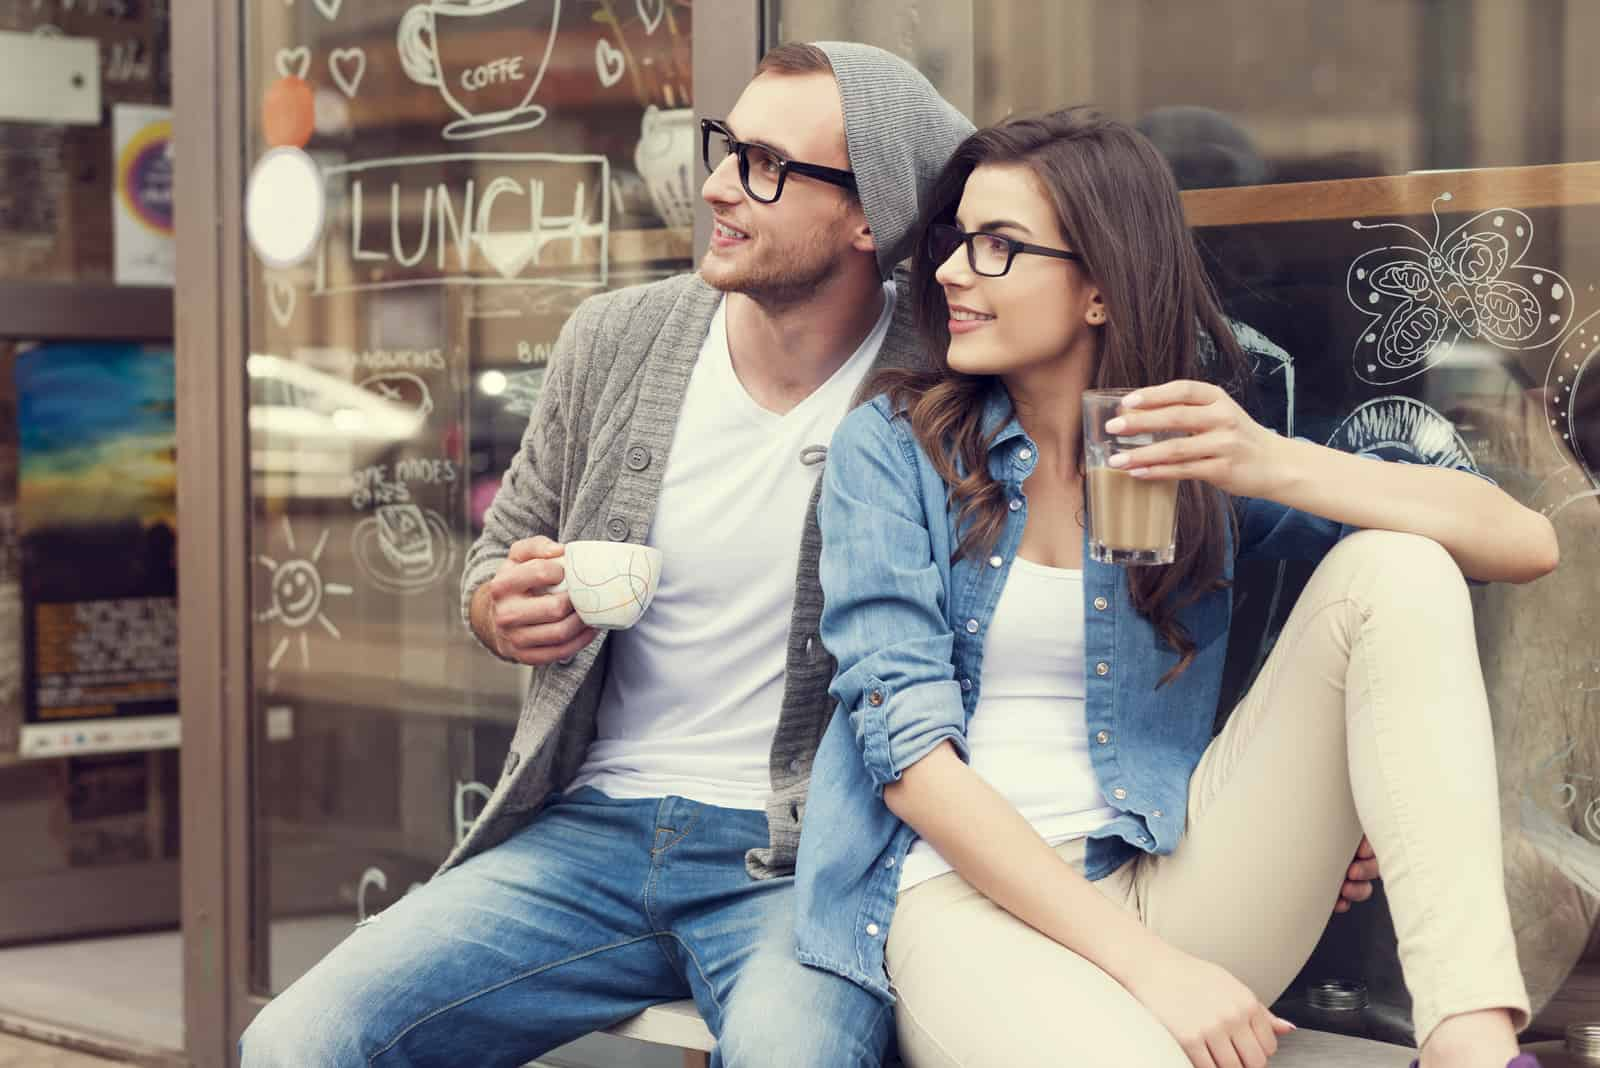 un homme et une femme buvant du café pendant qu'elle détourne le regard